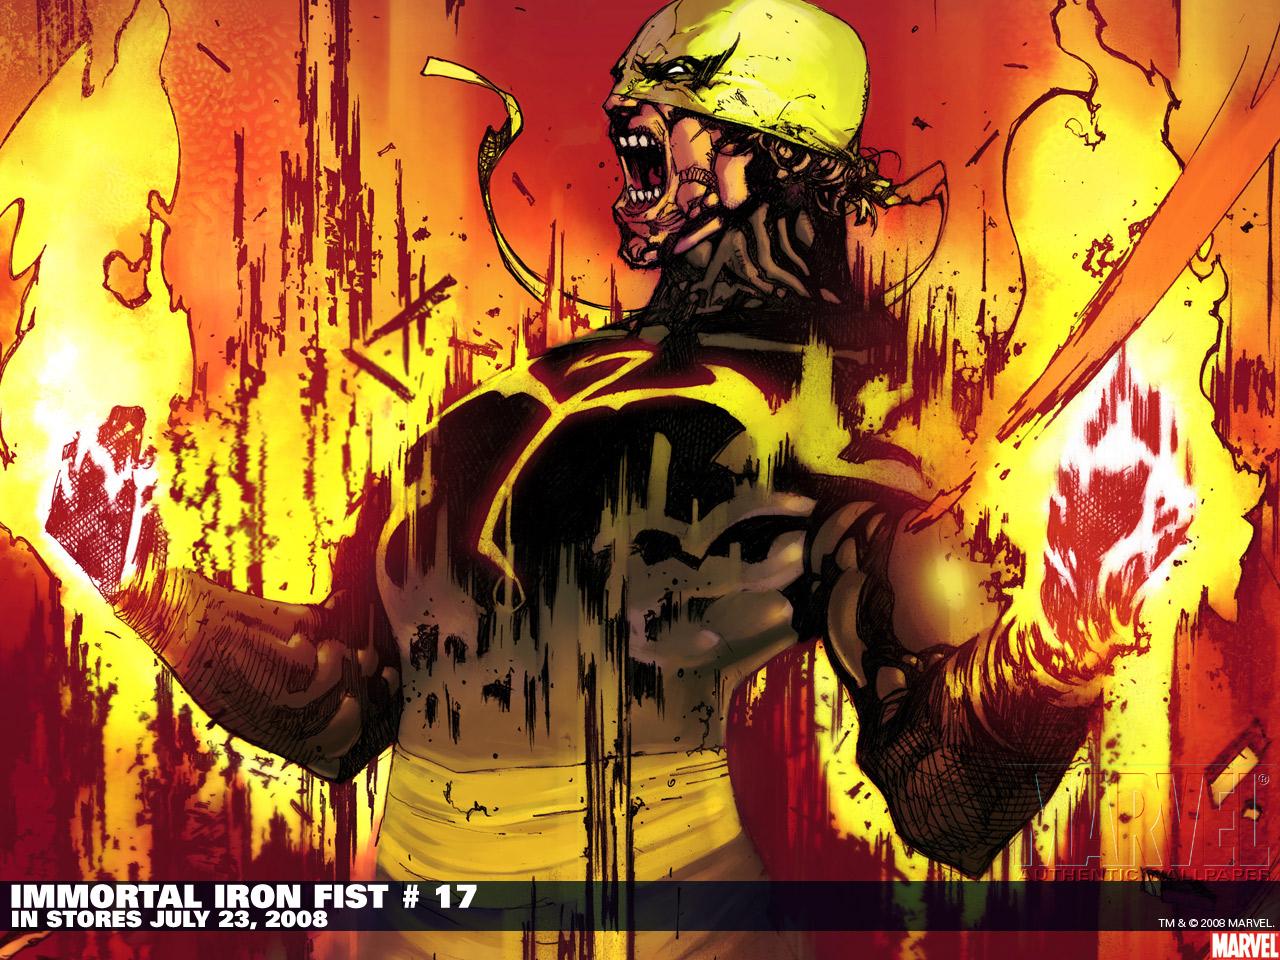 Immortal Iron Fist 1280 x 960 Iron Fist Wallpapers 1280x960